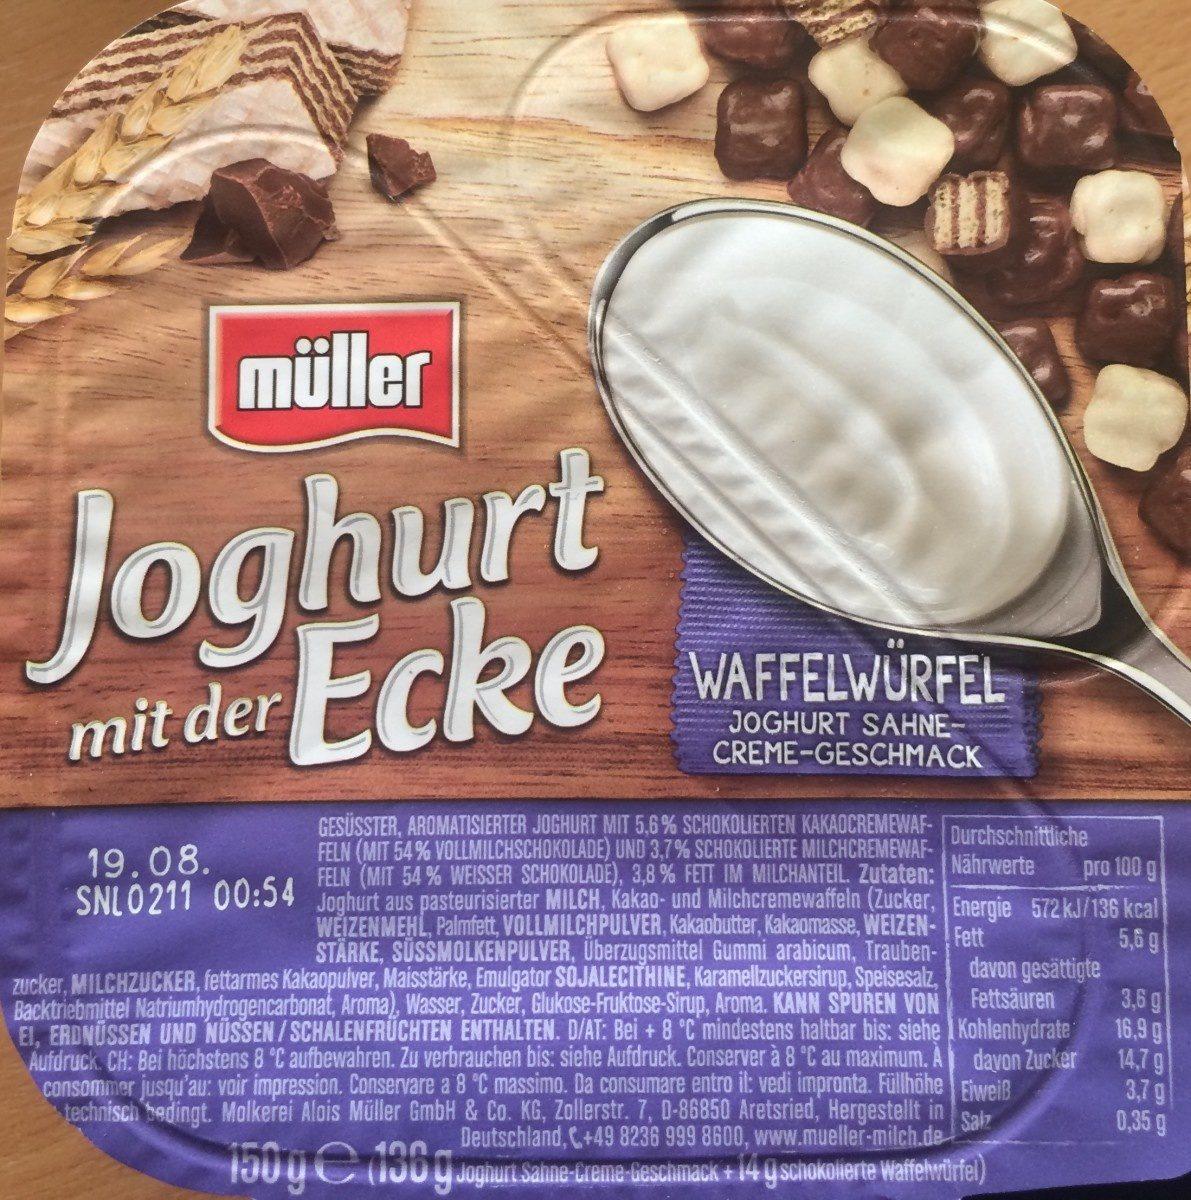 Joghurt mit der Ecke Waffelwürfel - Produit - fr